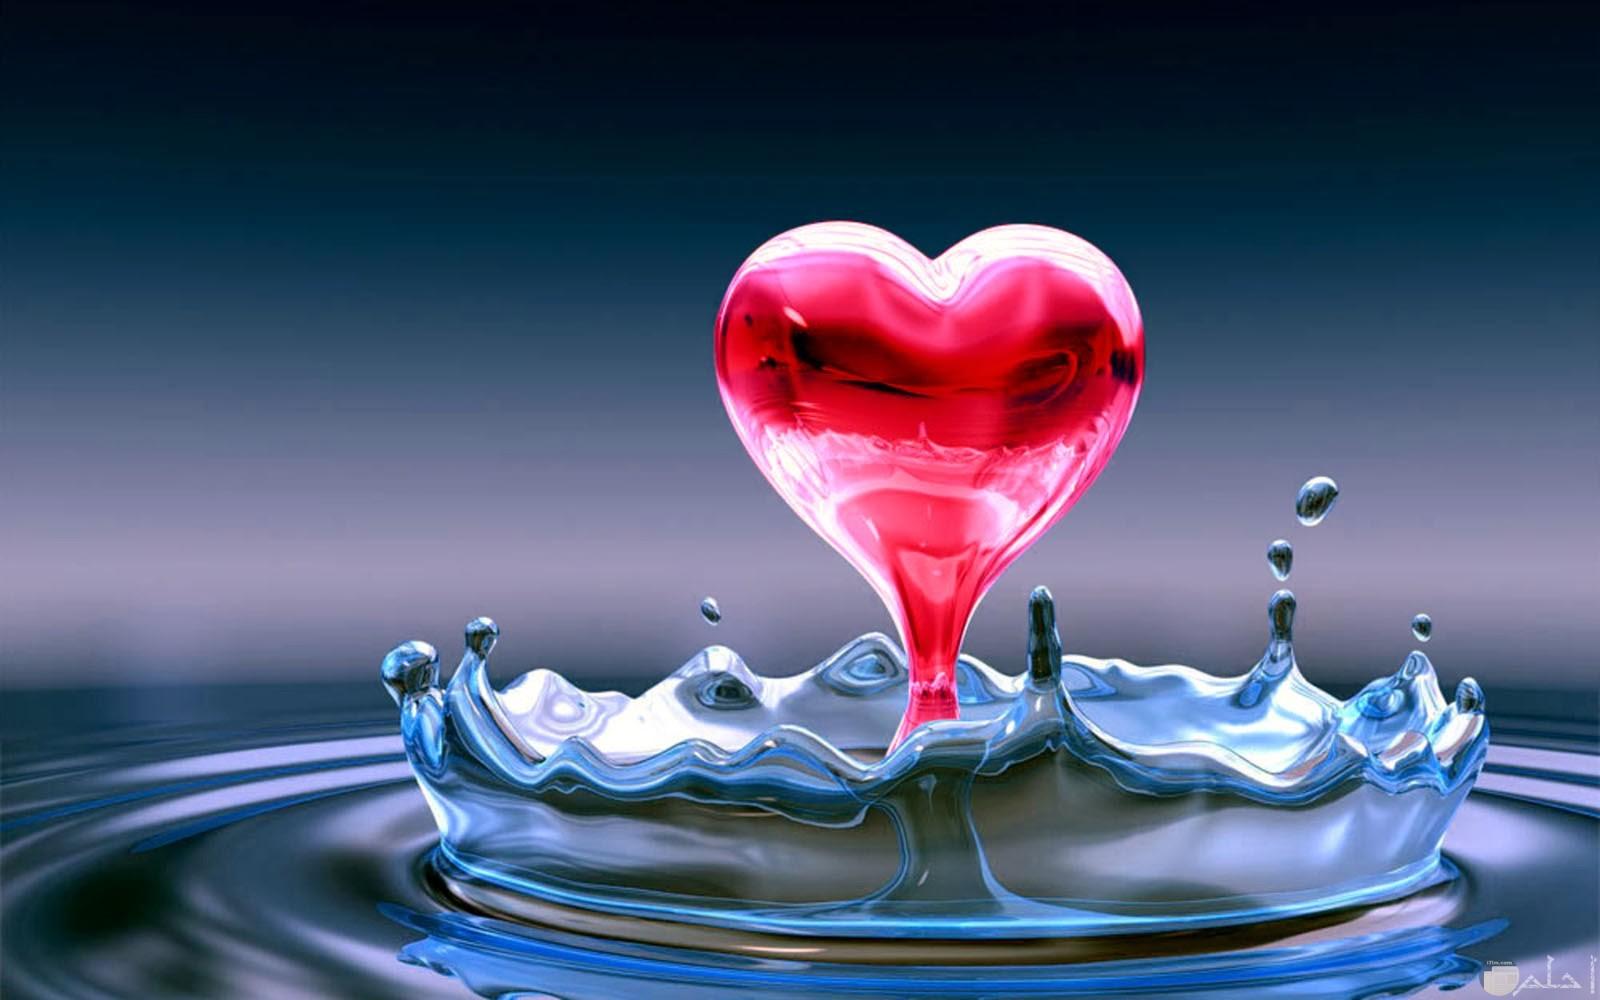 صورة قلب احمر جميل